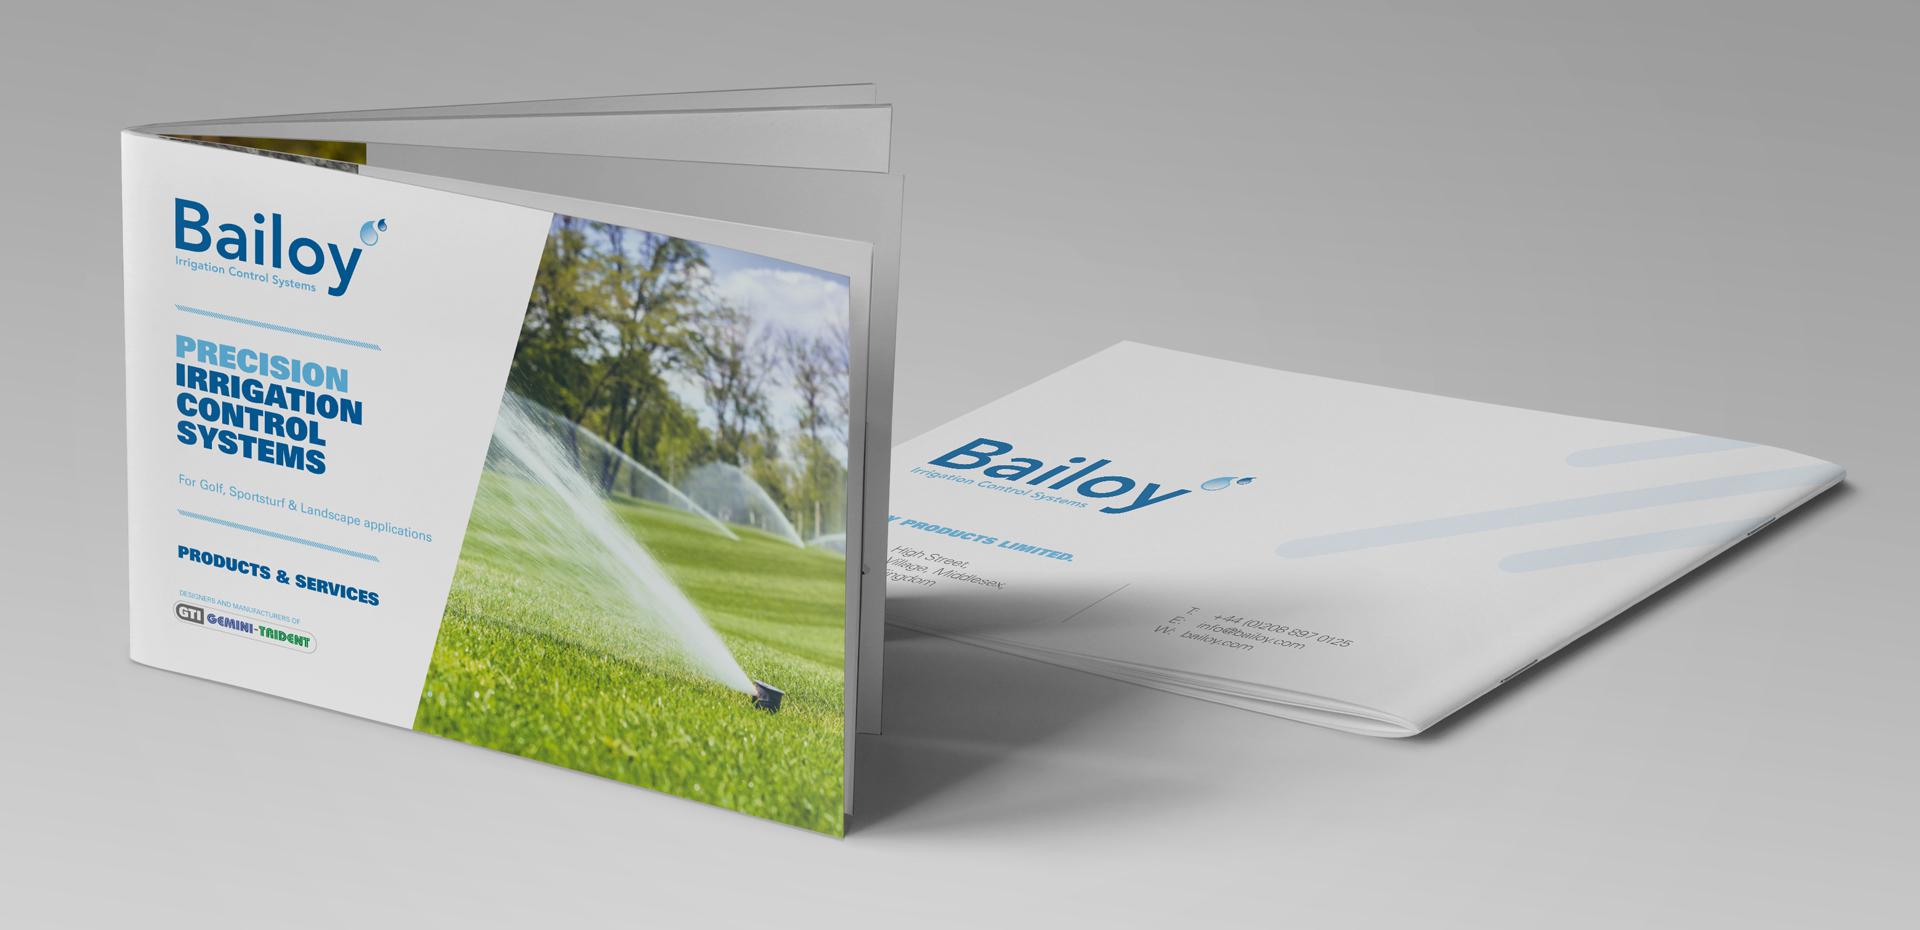 Bailoy A5 landscape promotional brochure